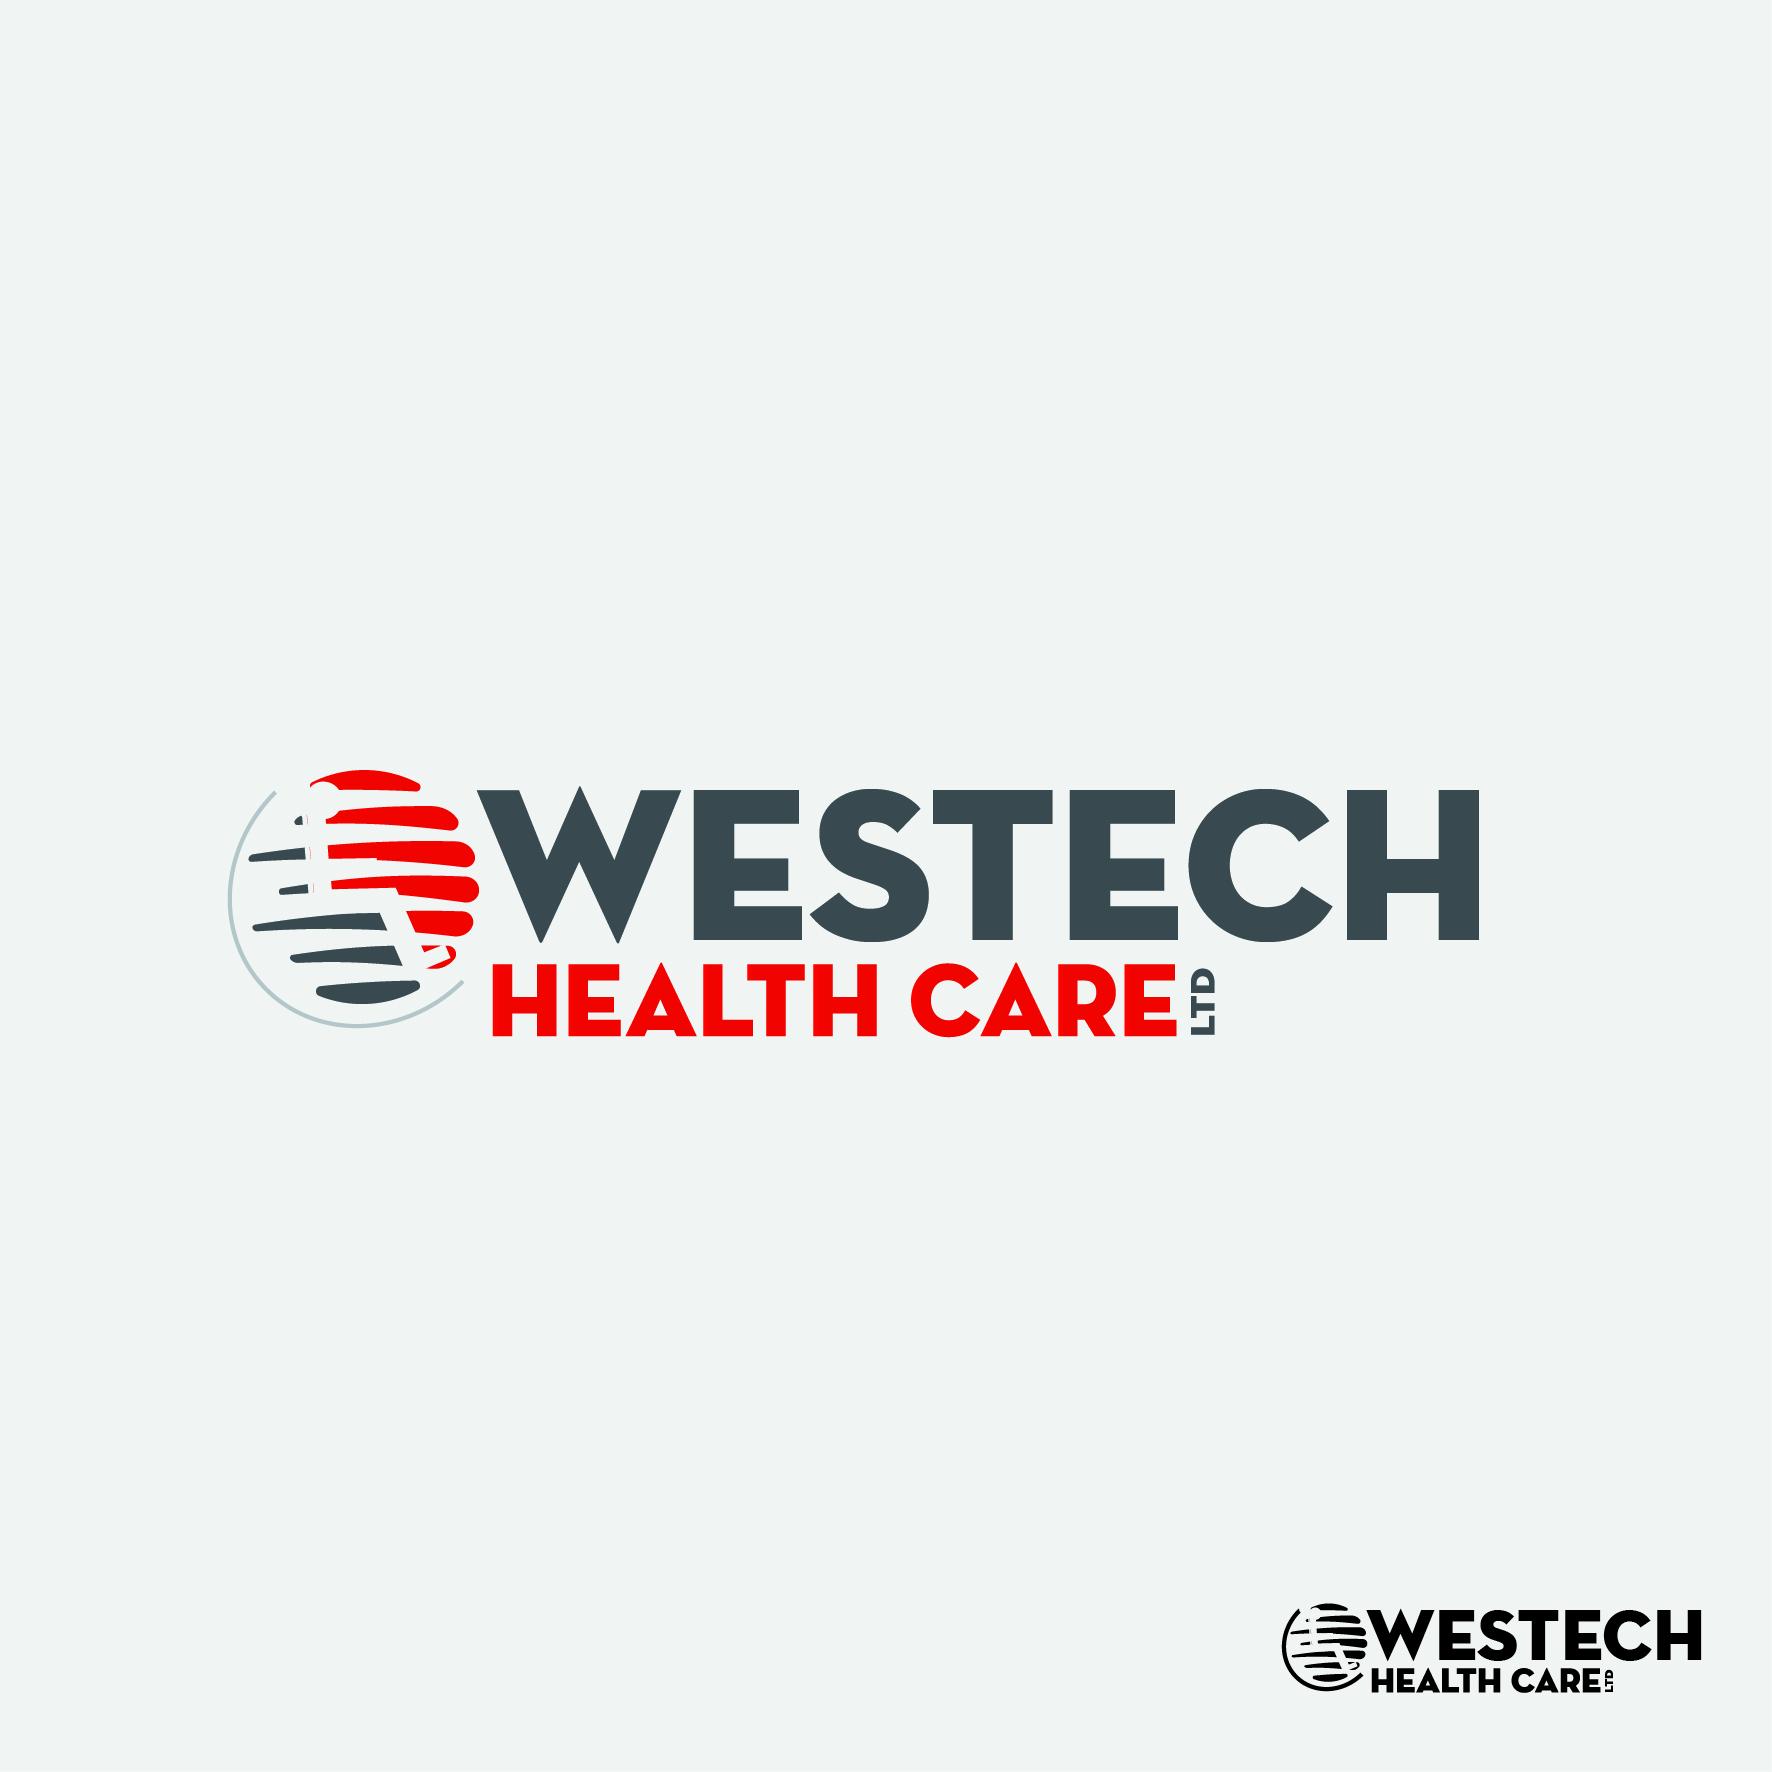 Logo Design by nTia - Entry No. 61 in the Logo Design Contest Creative Logo Design for Westech Health Care Ltd..